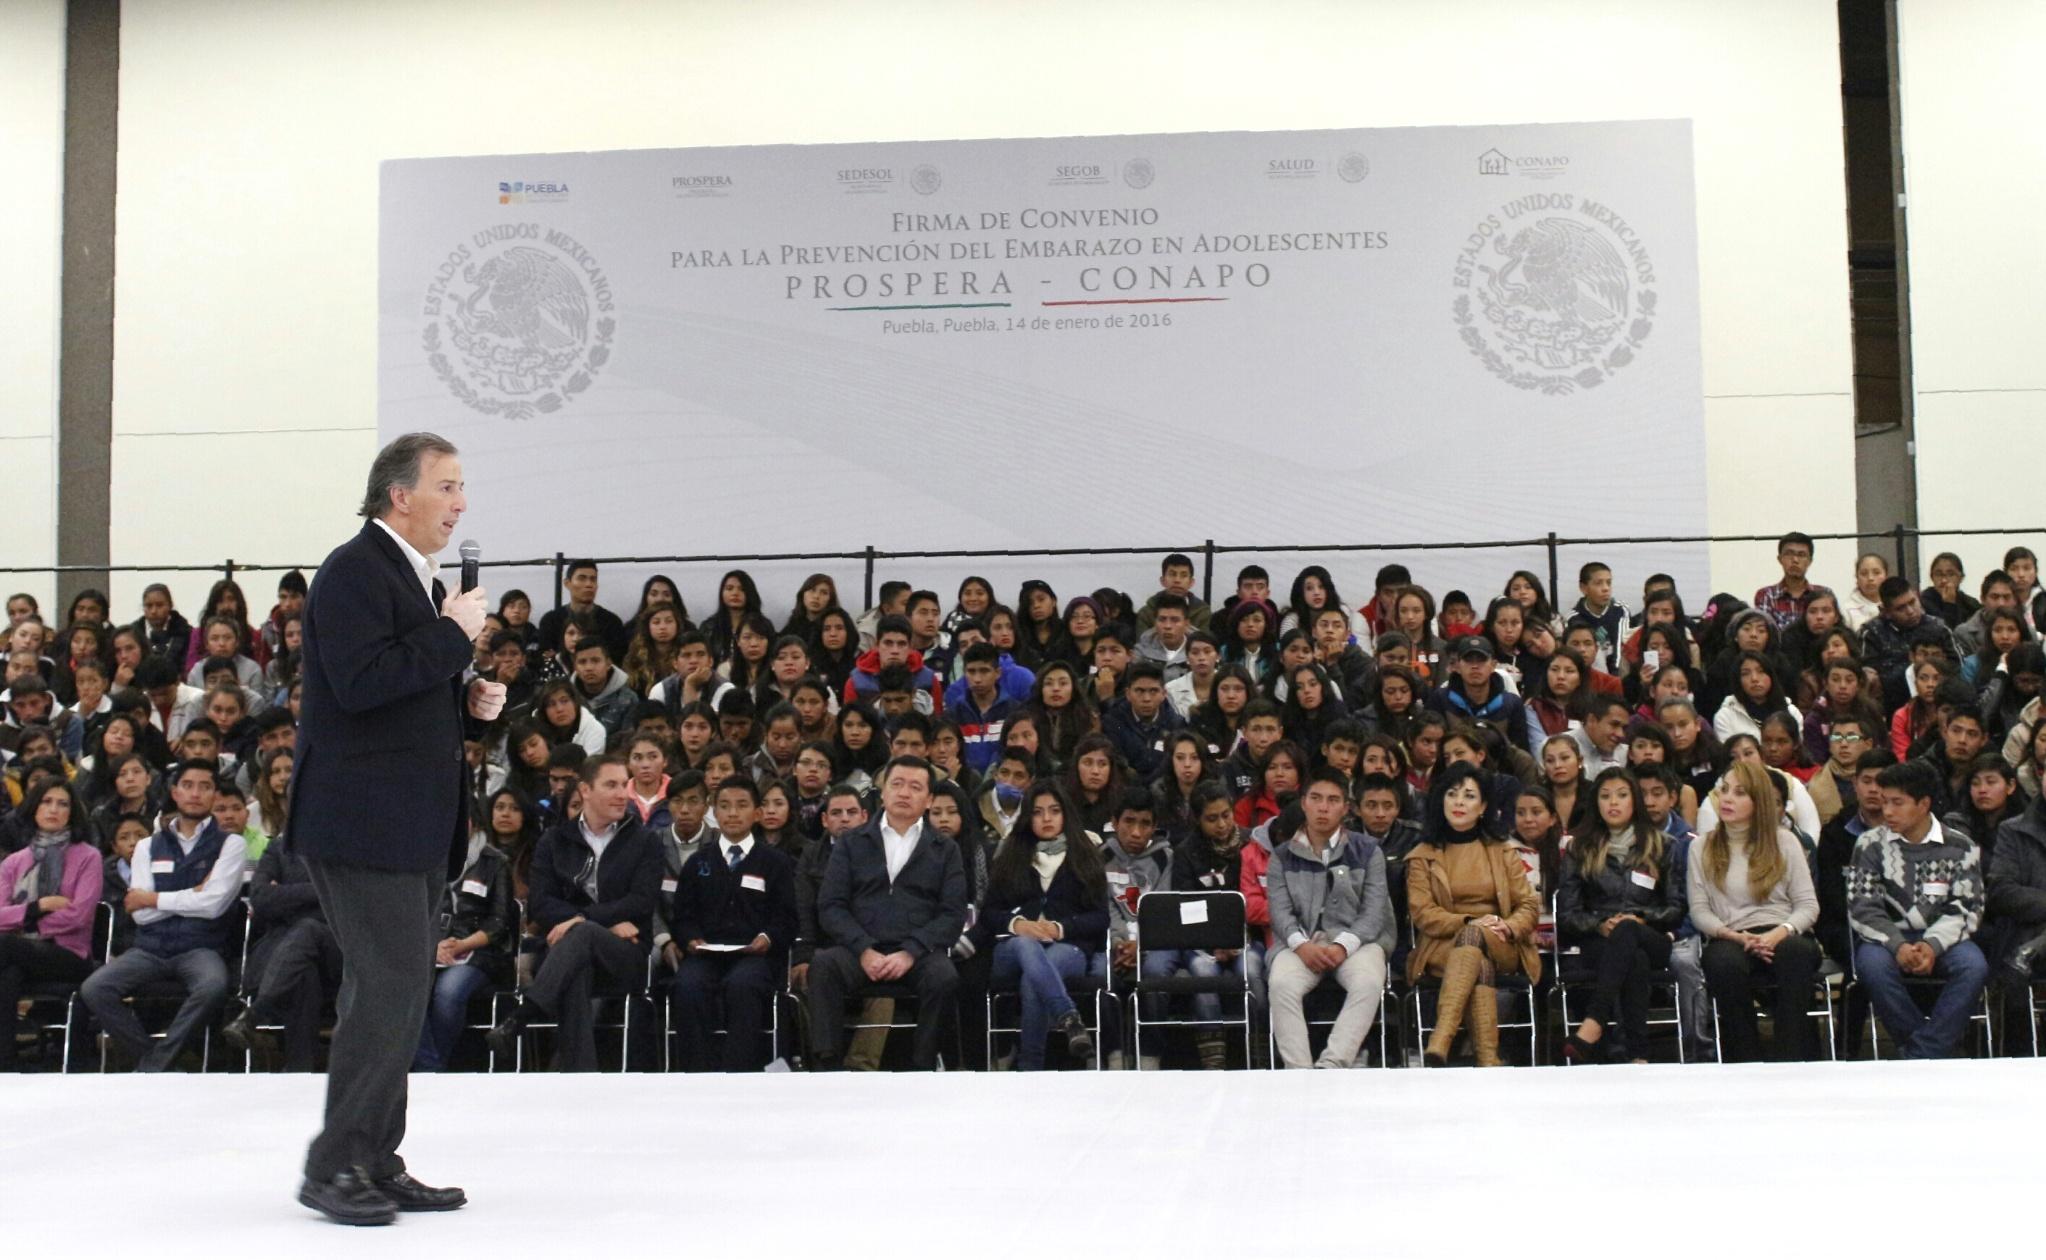 Mensaje del secretario José Antonio Meade en la firma del Convenio de Colaboración para la Prevención del Embarazo en Adolescentes Prospera-CONAPO